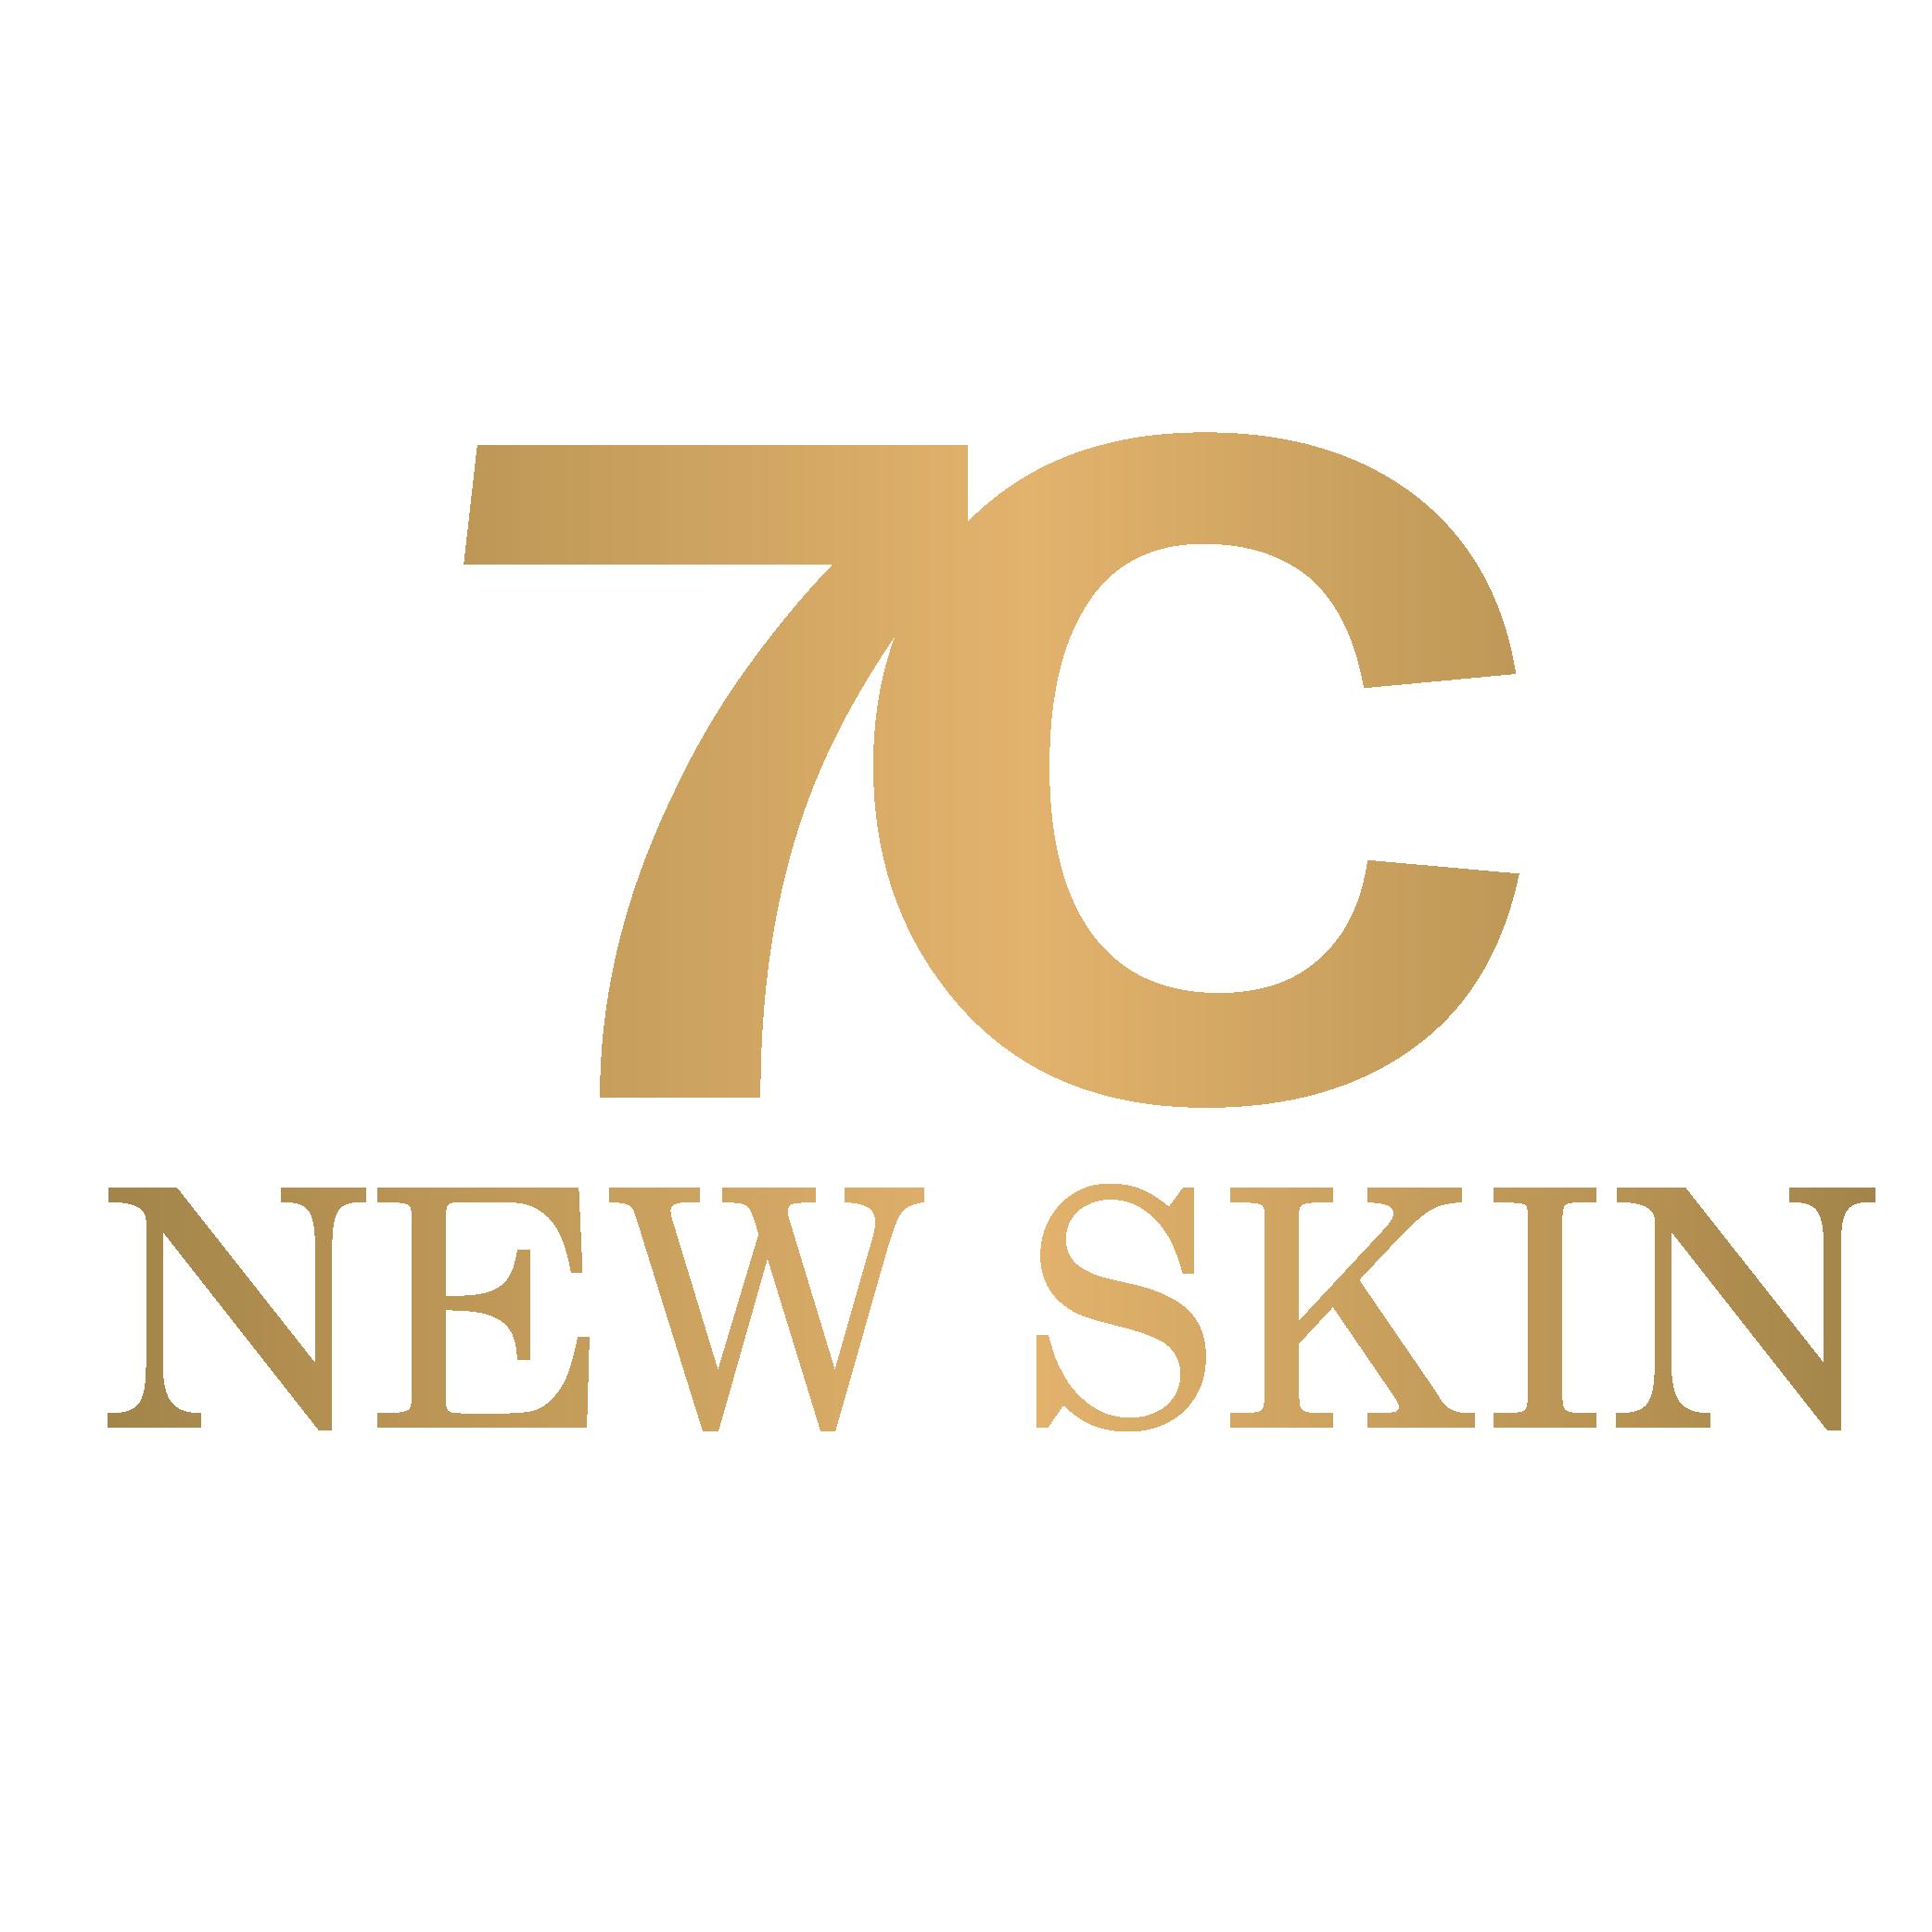 泰國天然椰油燕窩皂︱台灣獨賣新品︱GMP工廠生產 品質保證︱盒裝 ︱1盒12入 8